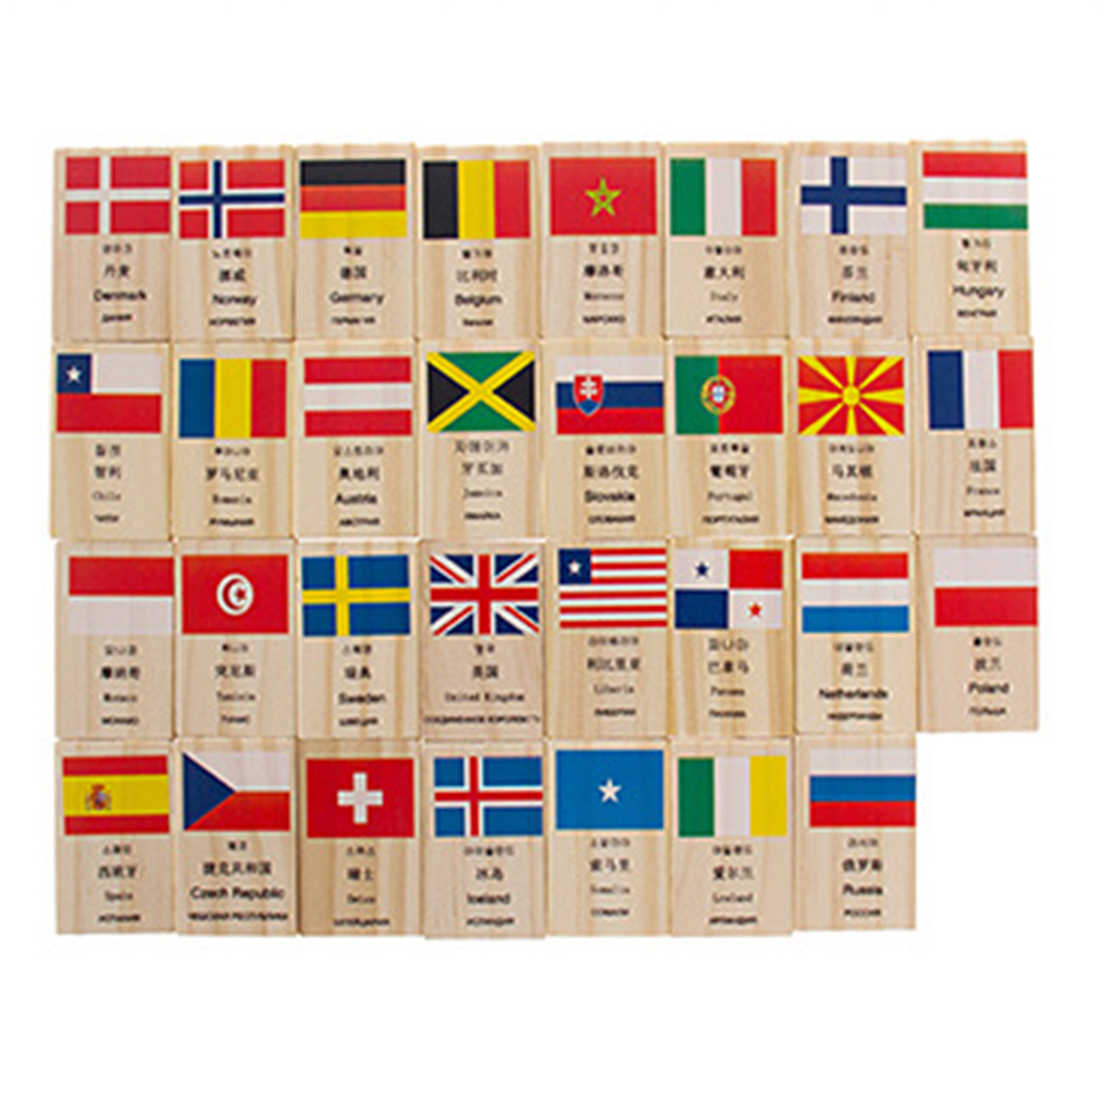 100 шт мировой Национальный флаг шаблон домино настольные игры Обучающие средства развивающие игрушки